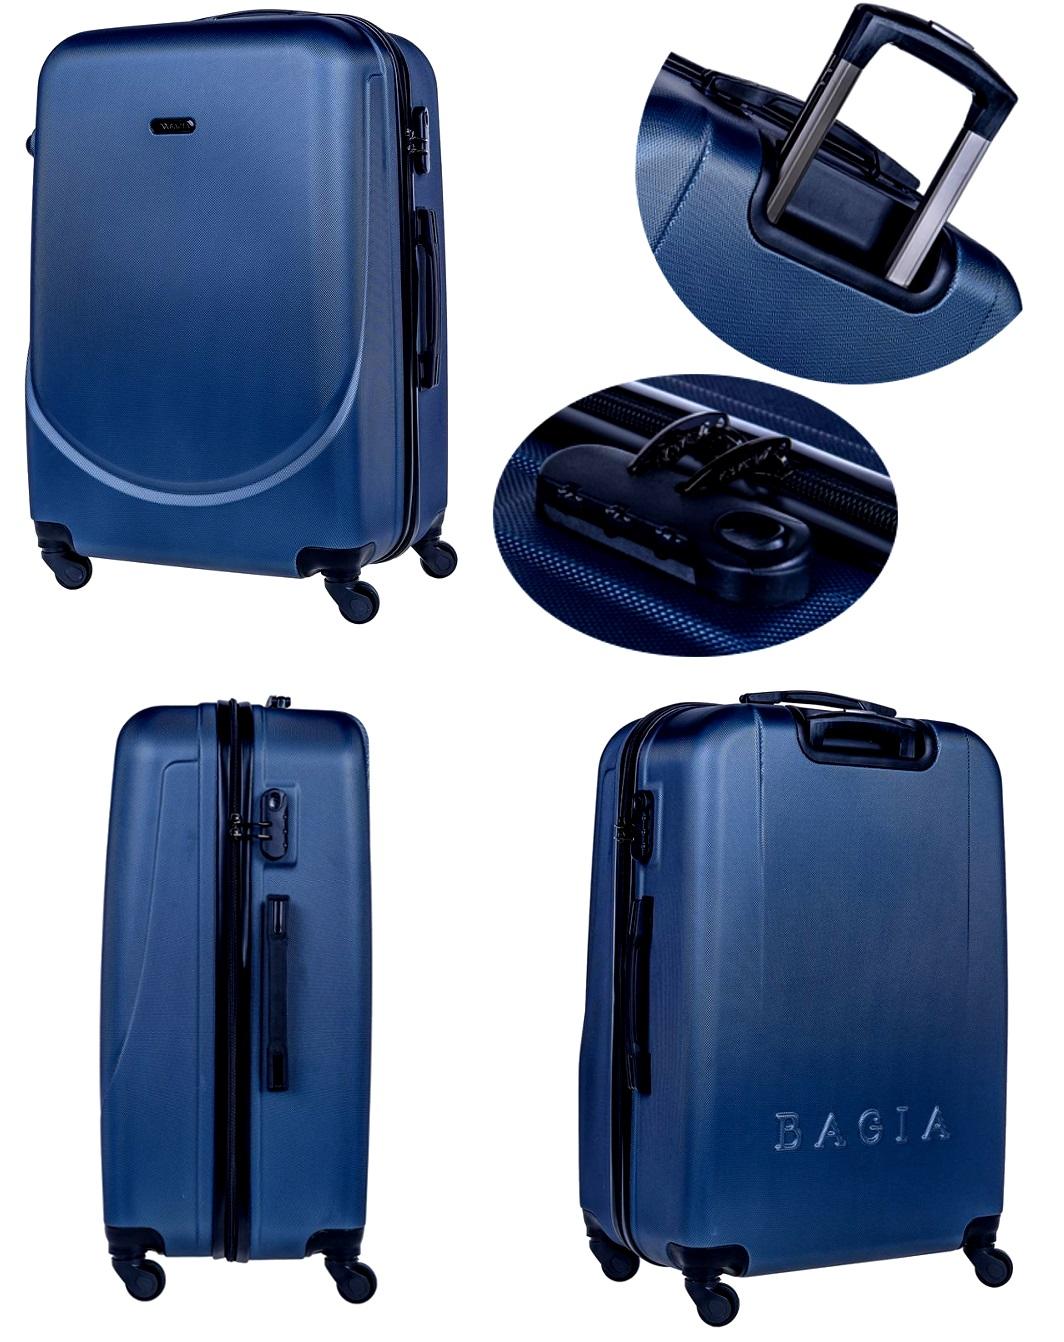 4cc4b8b8c3733 Zespół projektowy Bagia wyposażył wszystkie modele małych walizek w  dwustopniowy aluminiowy stelaż. Dzięki temu wysokość uchwytu dopasowana  jest do ...